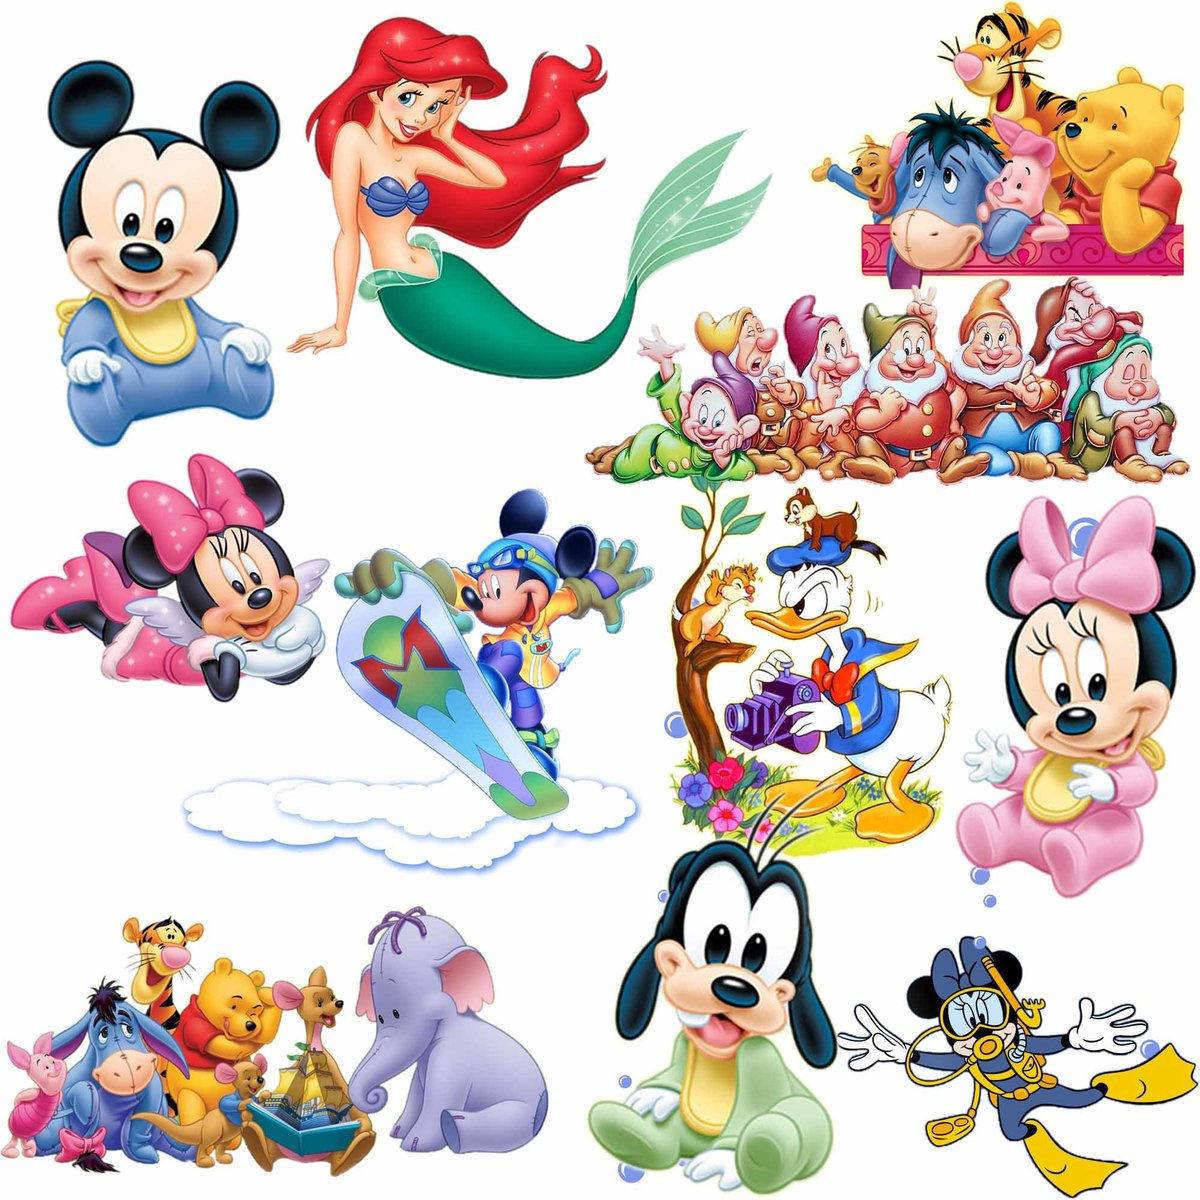 Картинки с героями из мультфильмов дисней, открытка